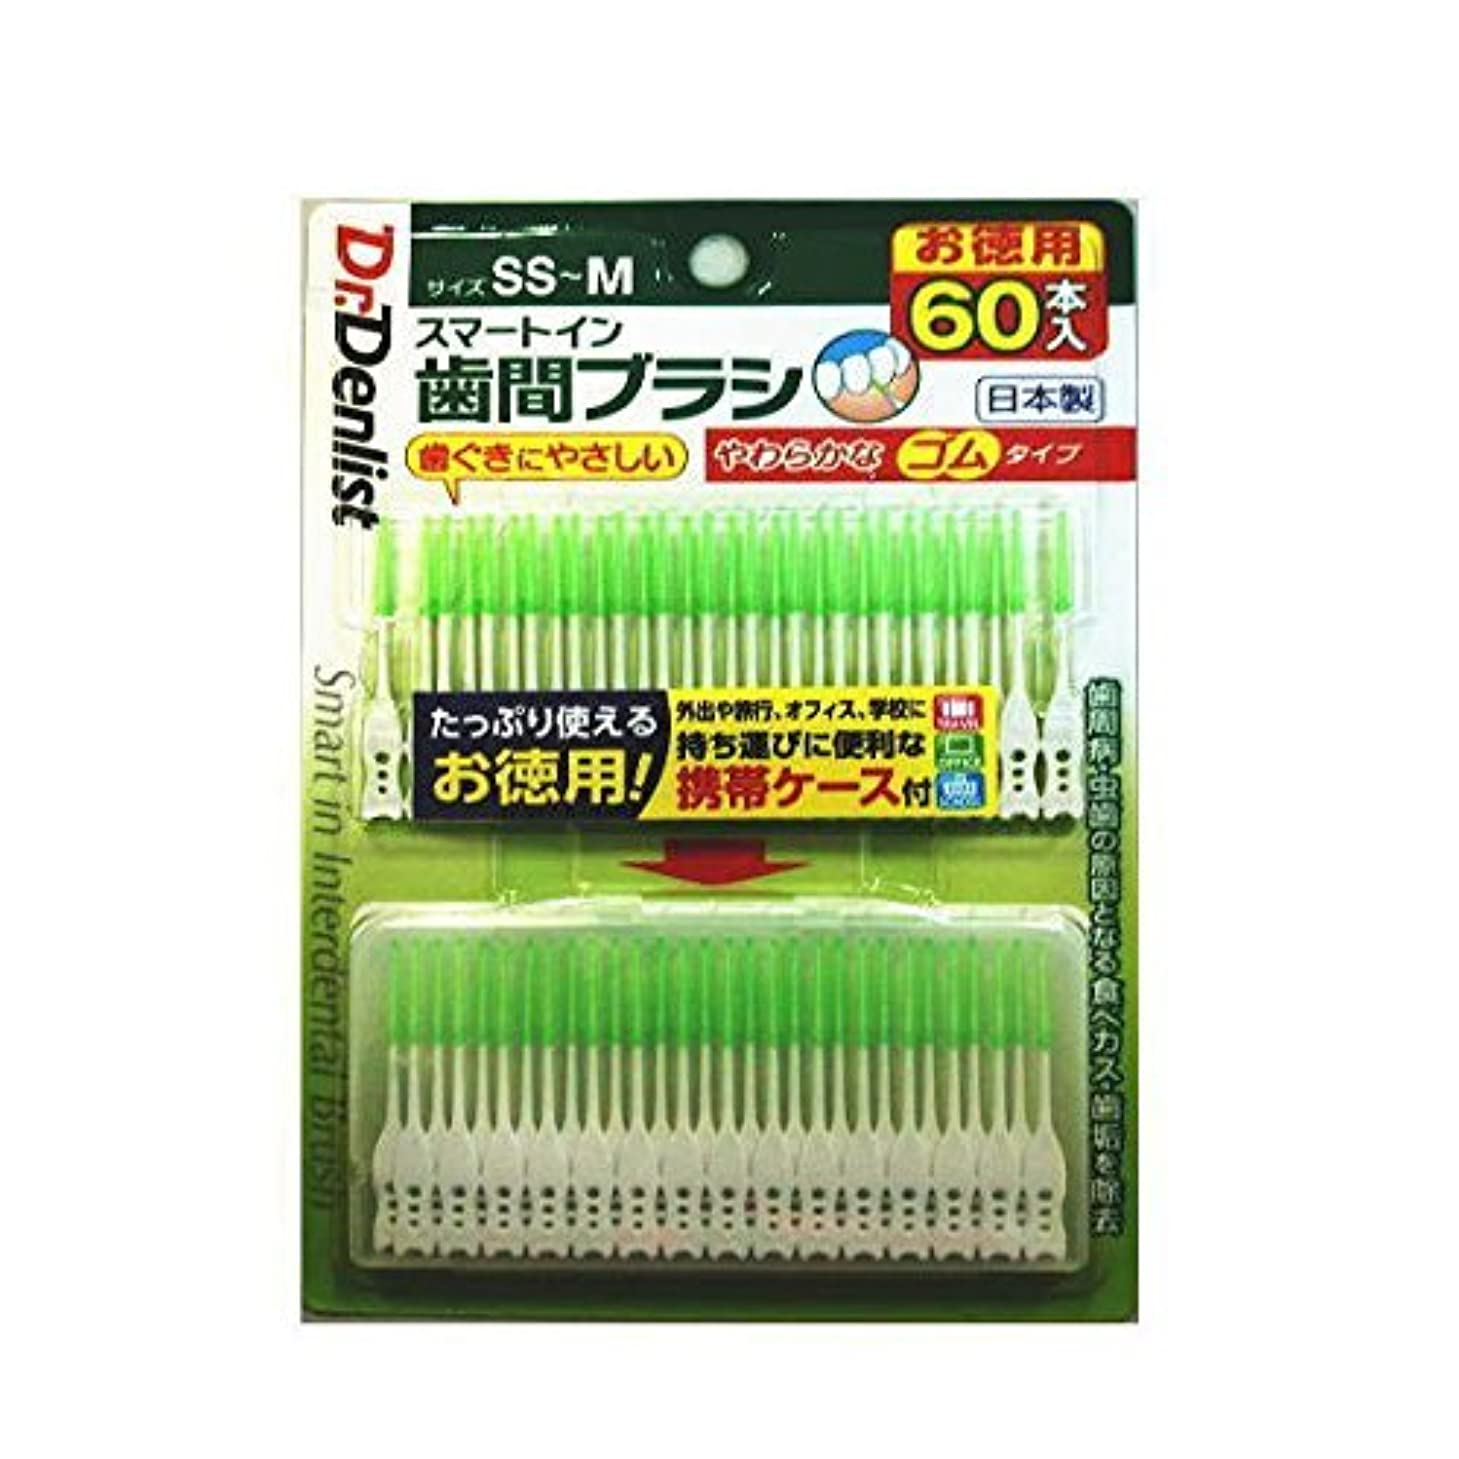 開発横注意歯間ブラシ スマートイン 60本入 お徳用 やわらかなゴムタイプ